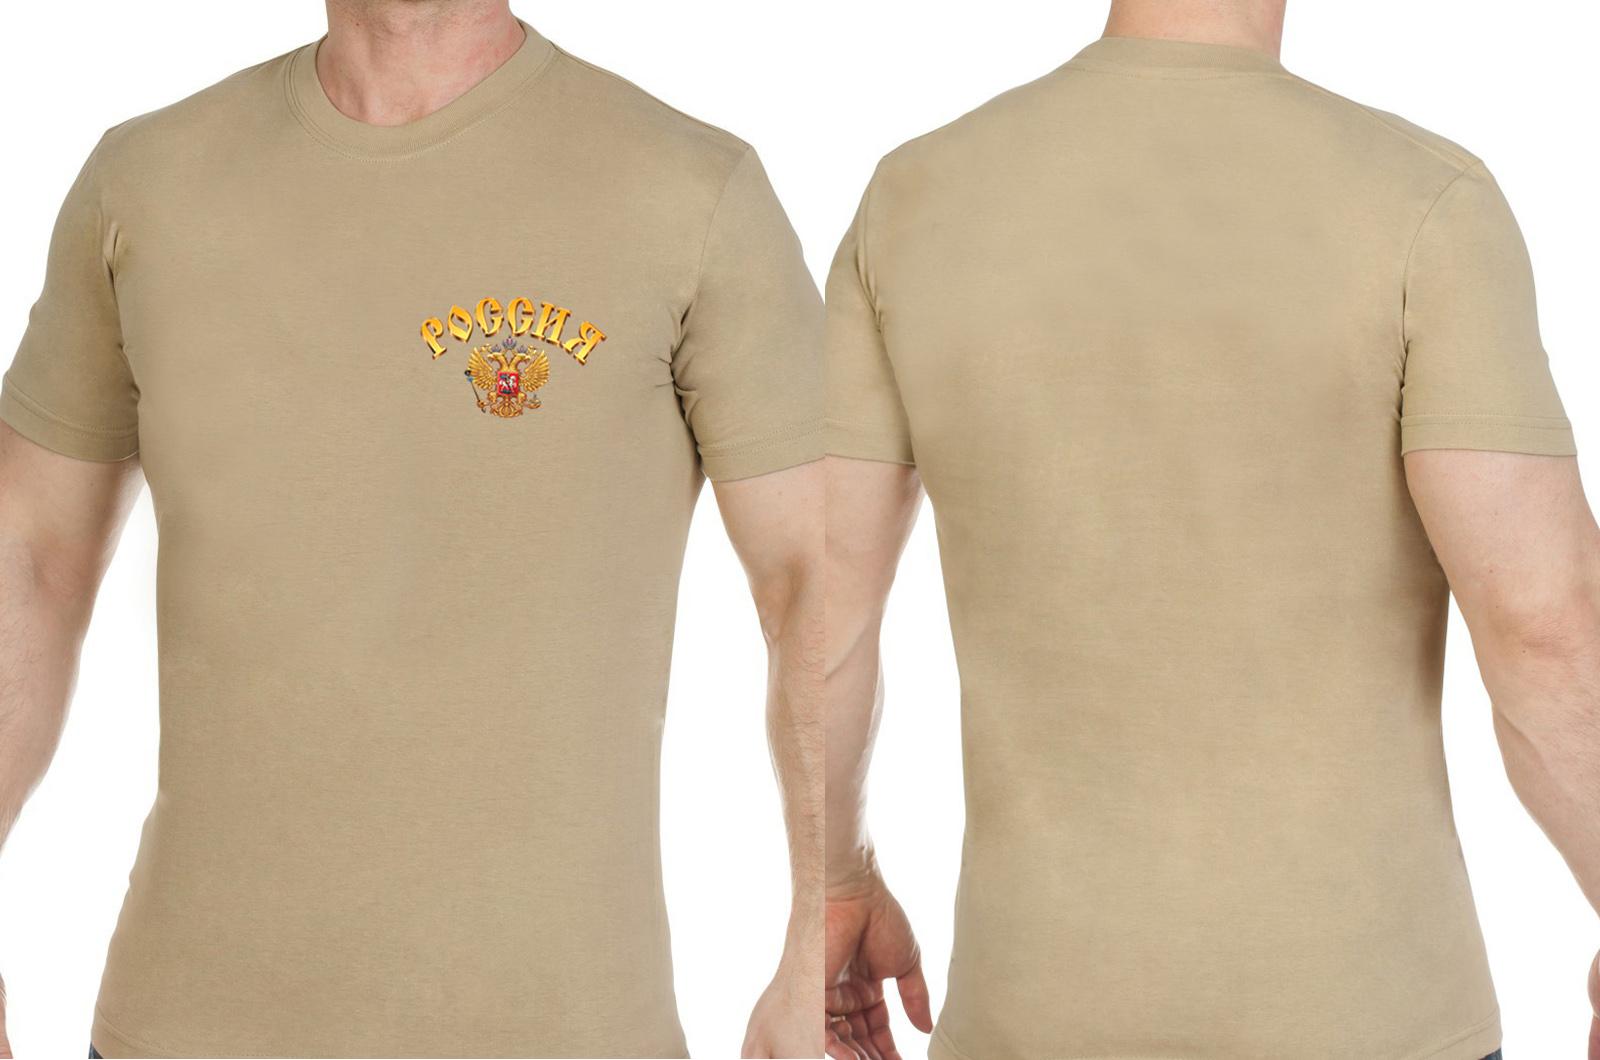 Зачетная мужская футболка РОССИЯ - купить выгодно